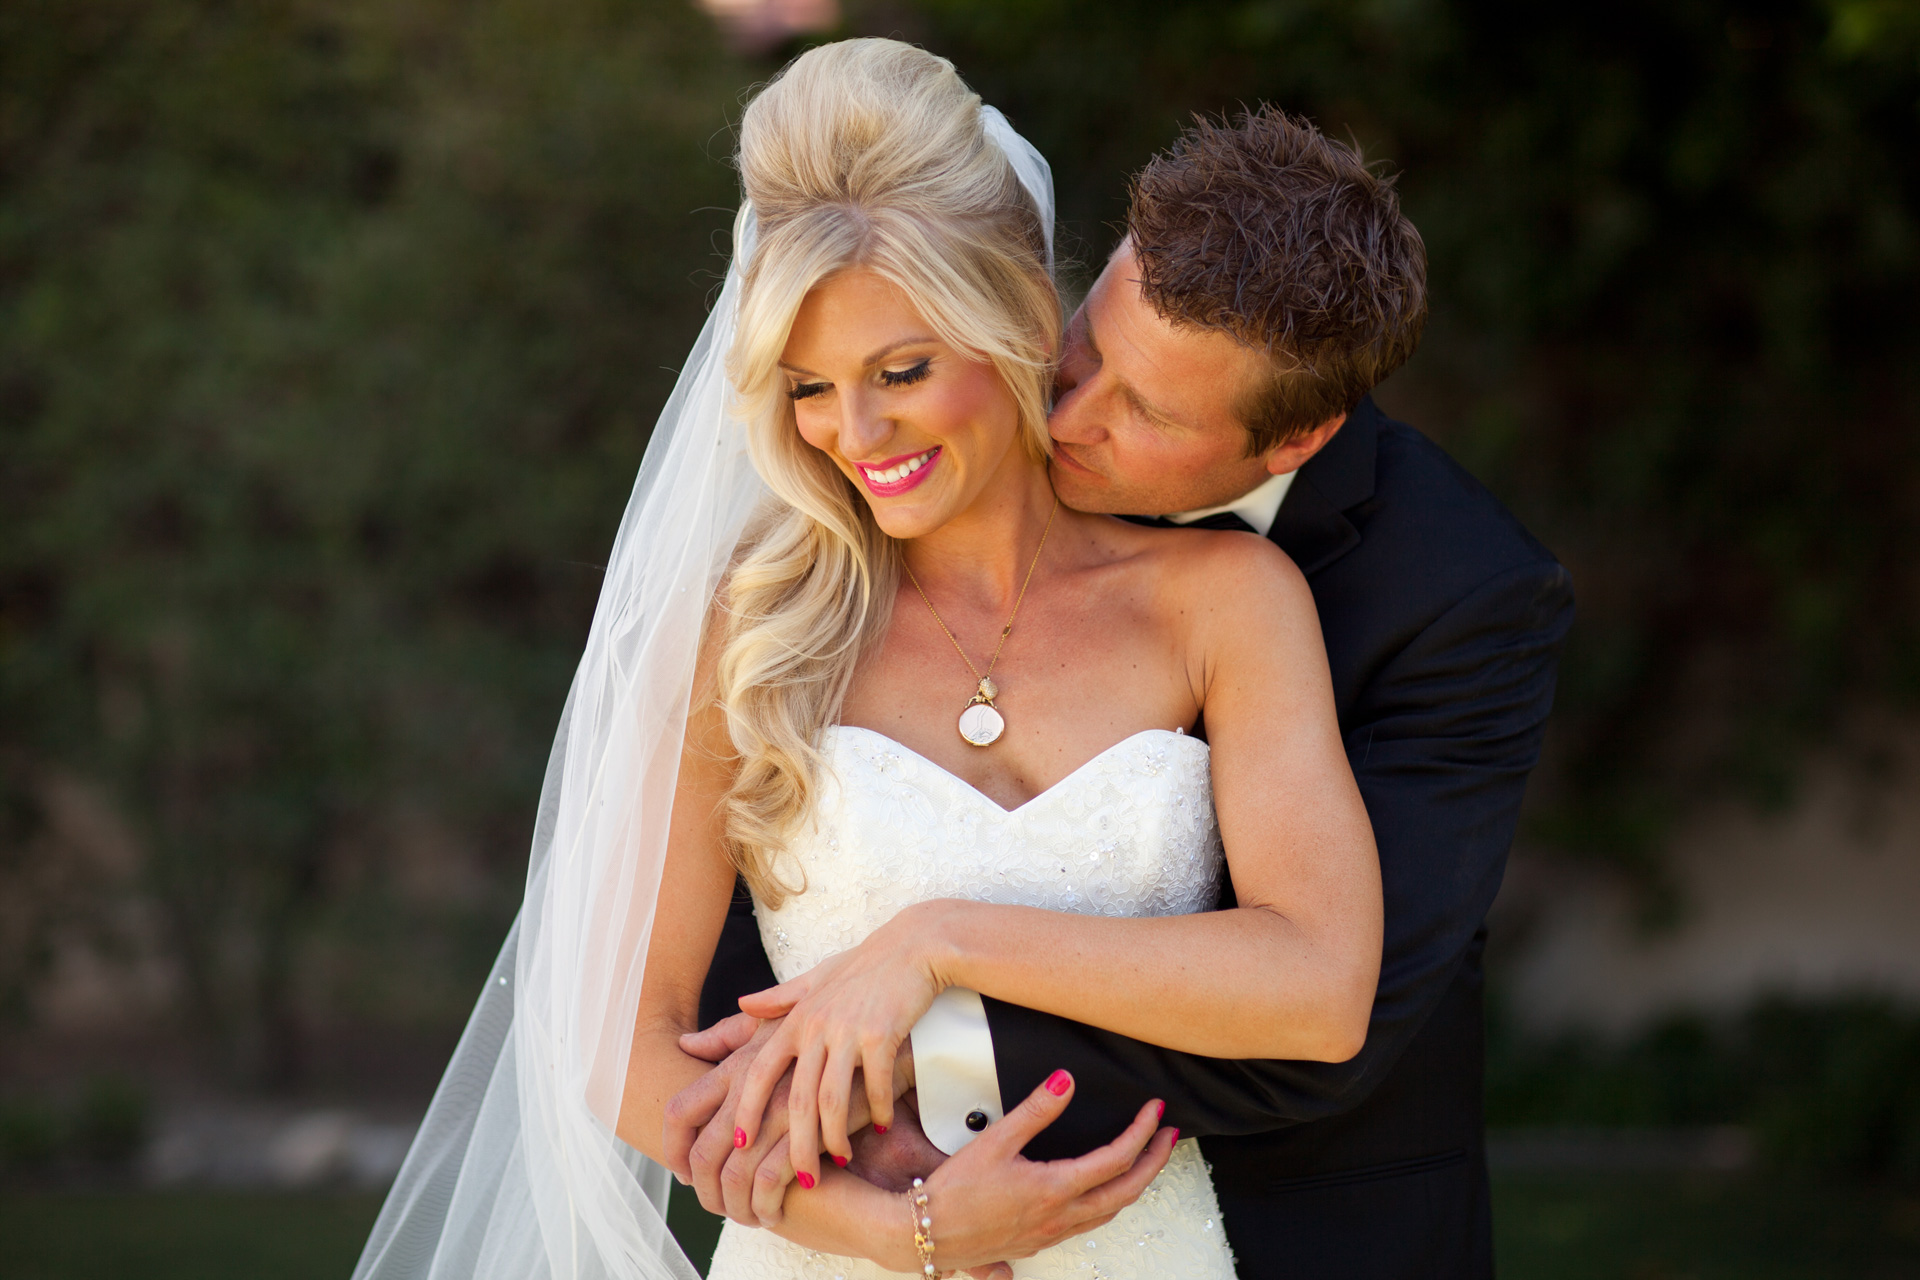 palm-springs-bride-groom-portrait.jpg